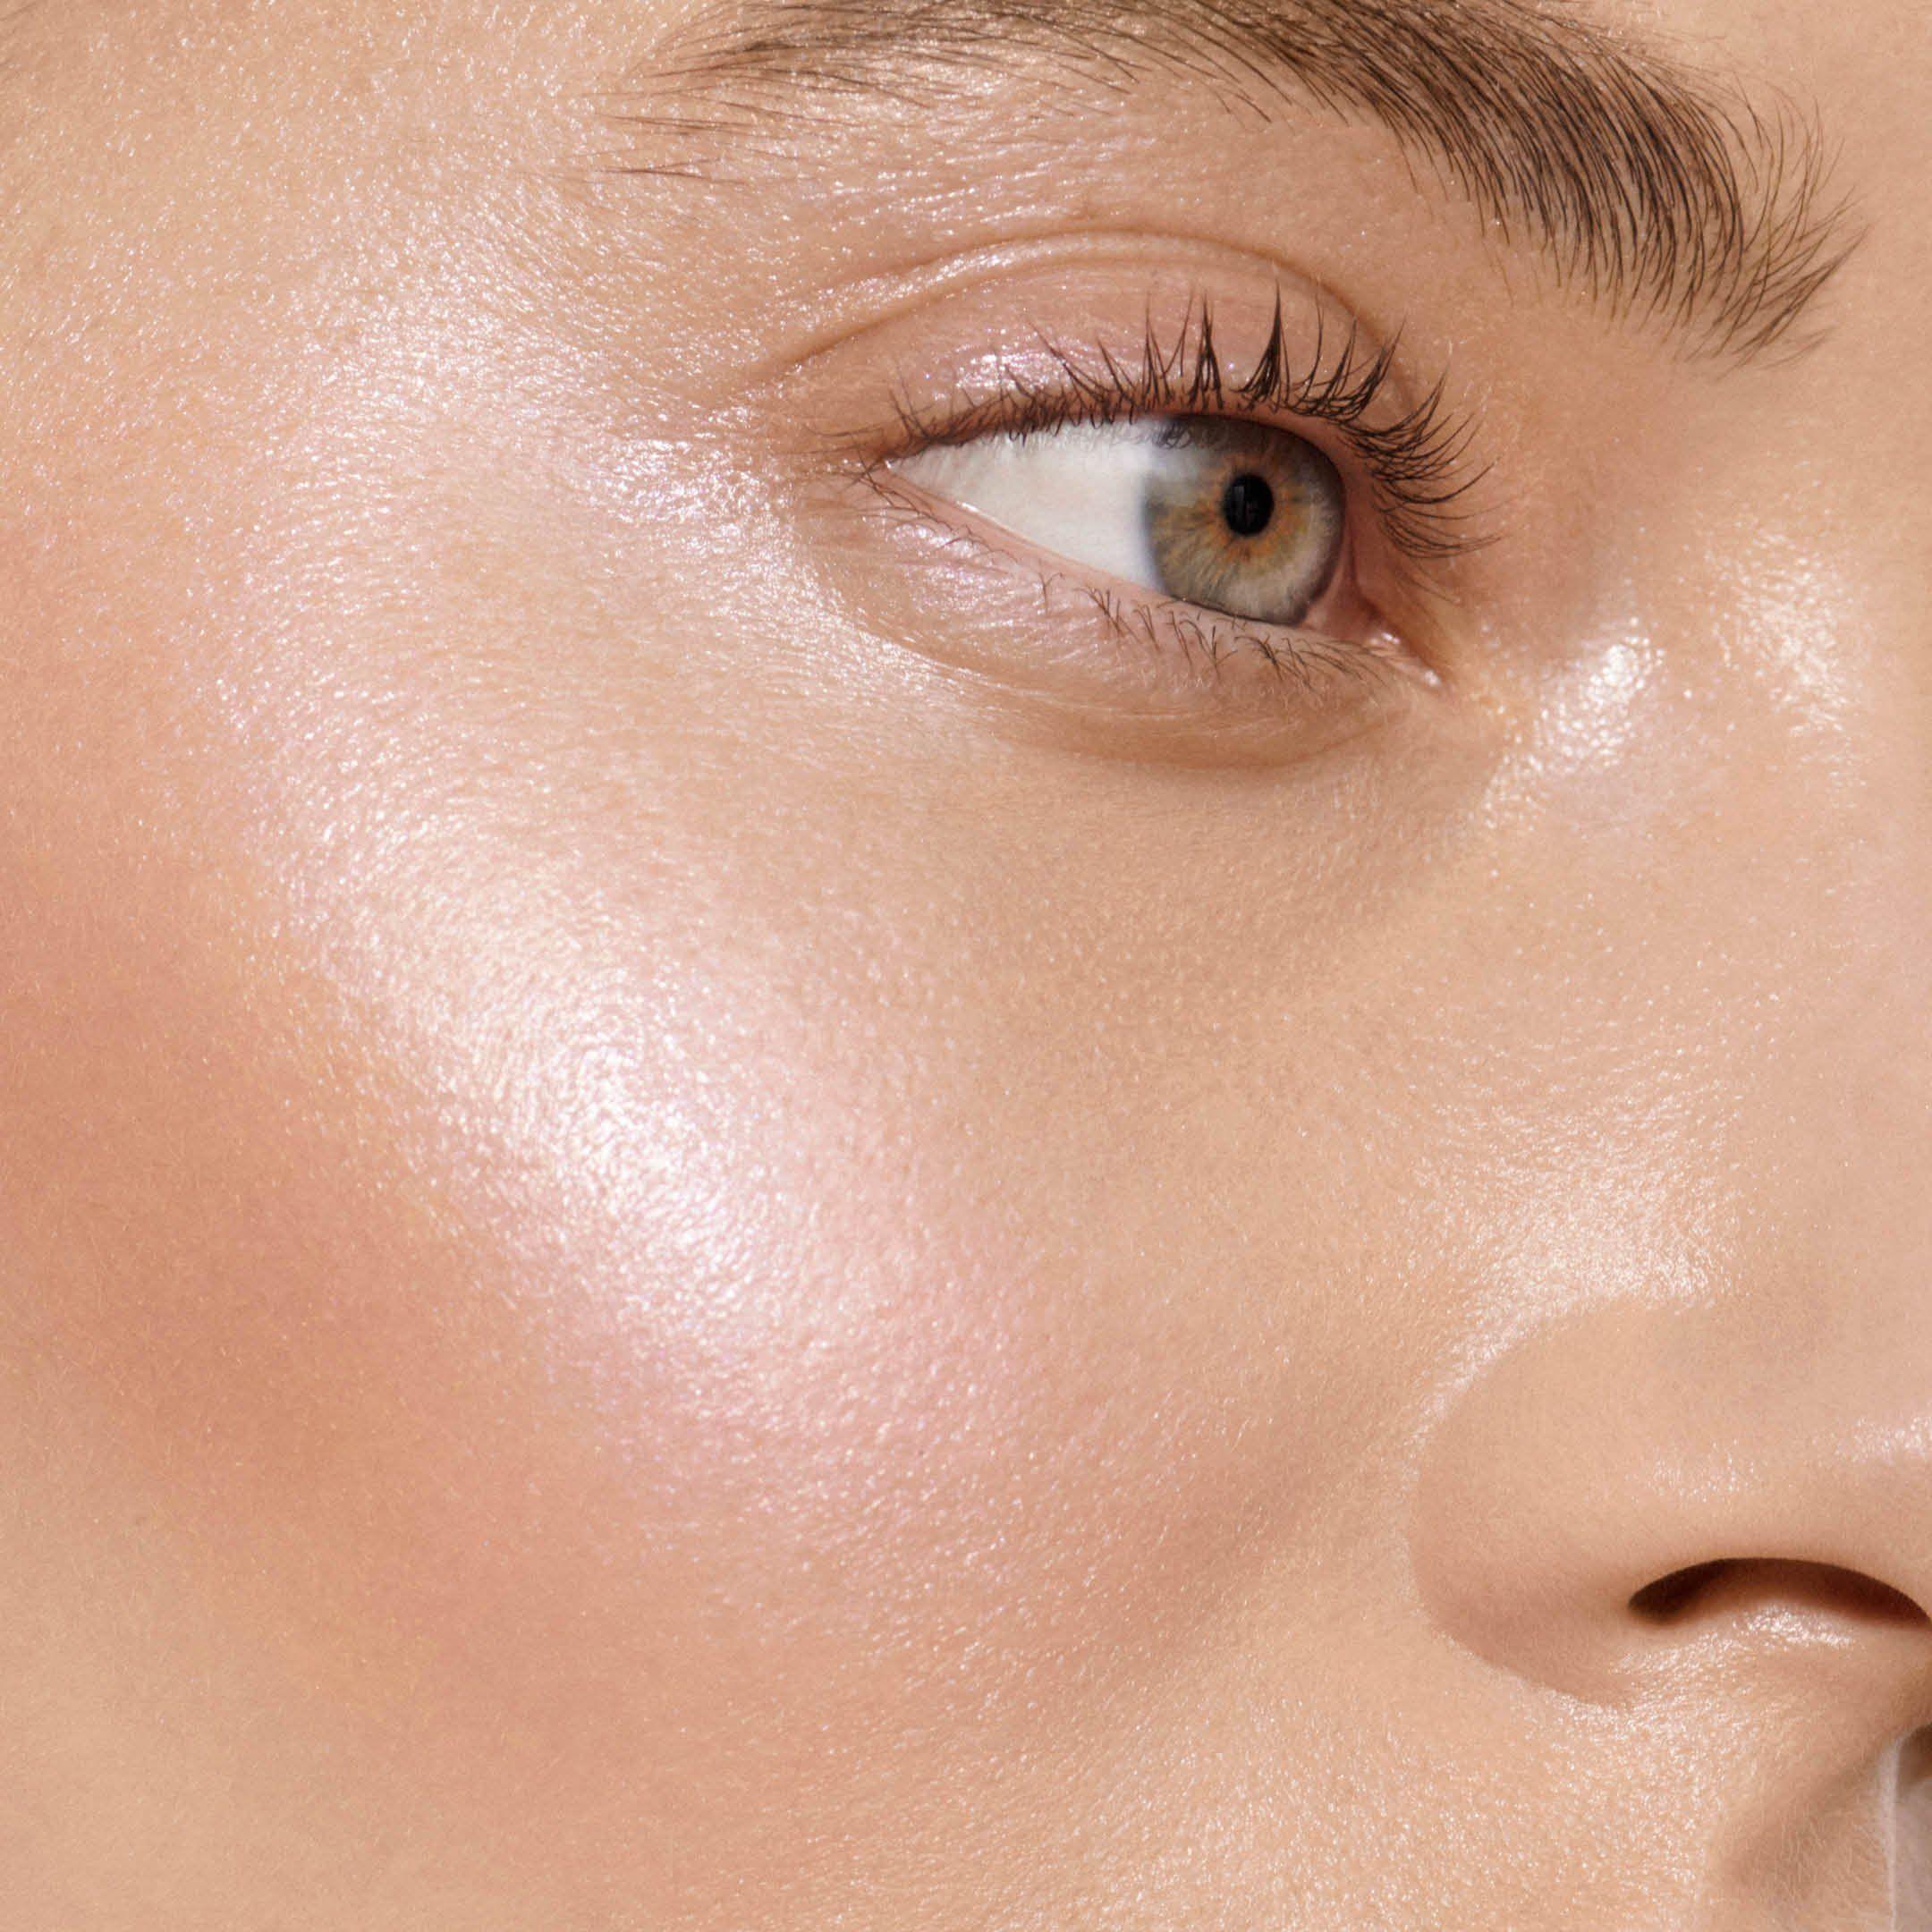 Super Loaded in 2020 Make eyes pop, Makeup artist kit